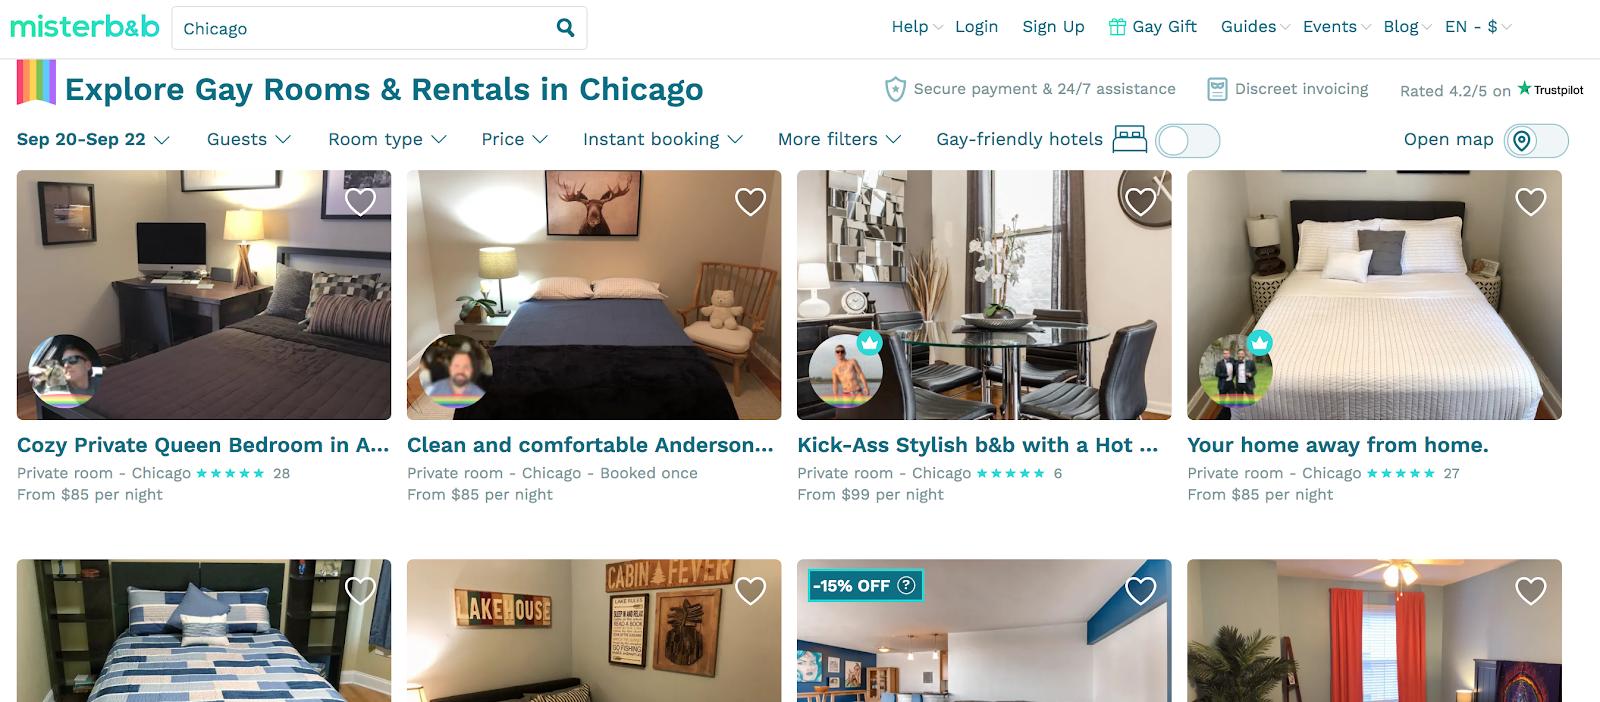 misterb & b: alquiler de habitaciones gay en Chicago